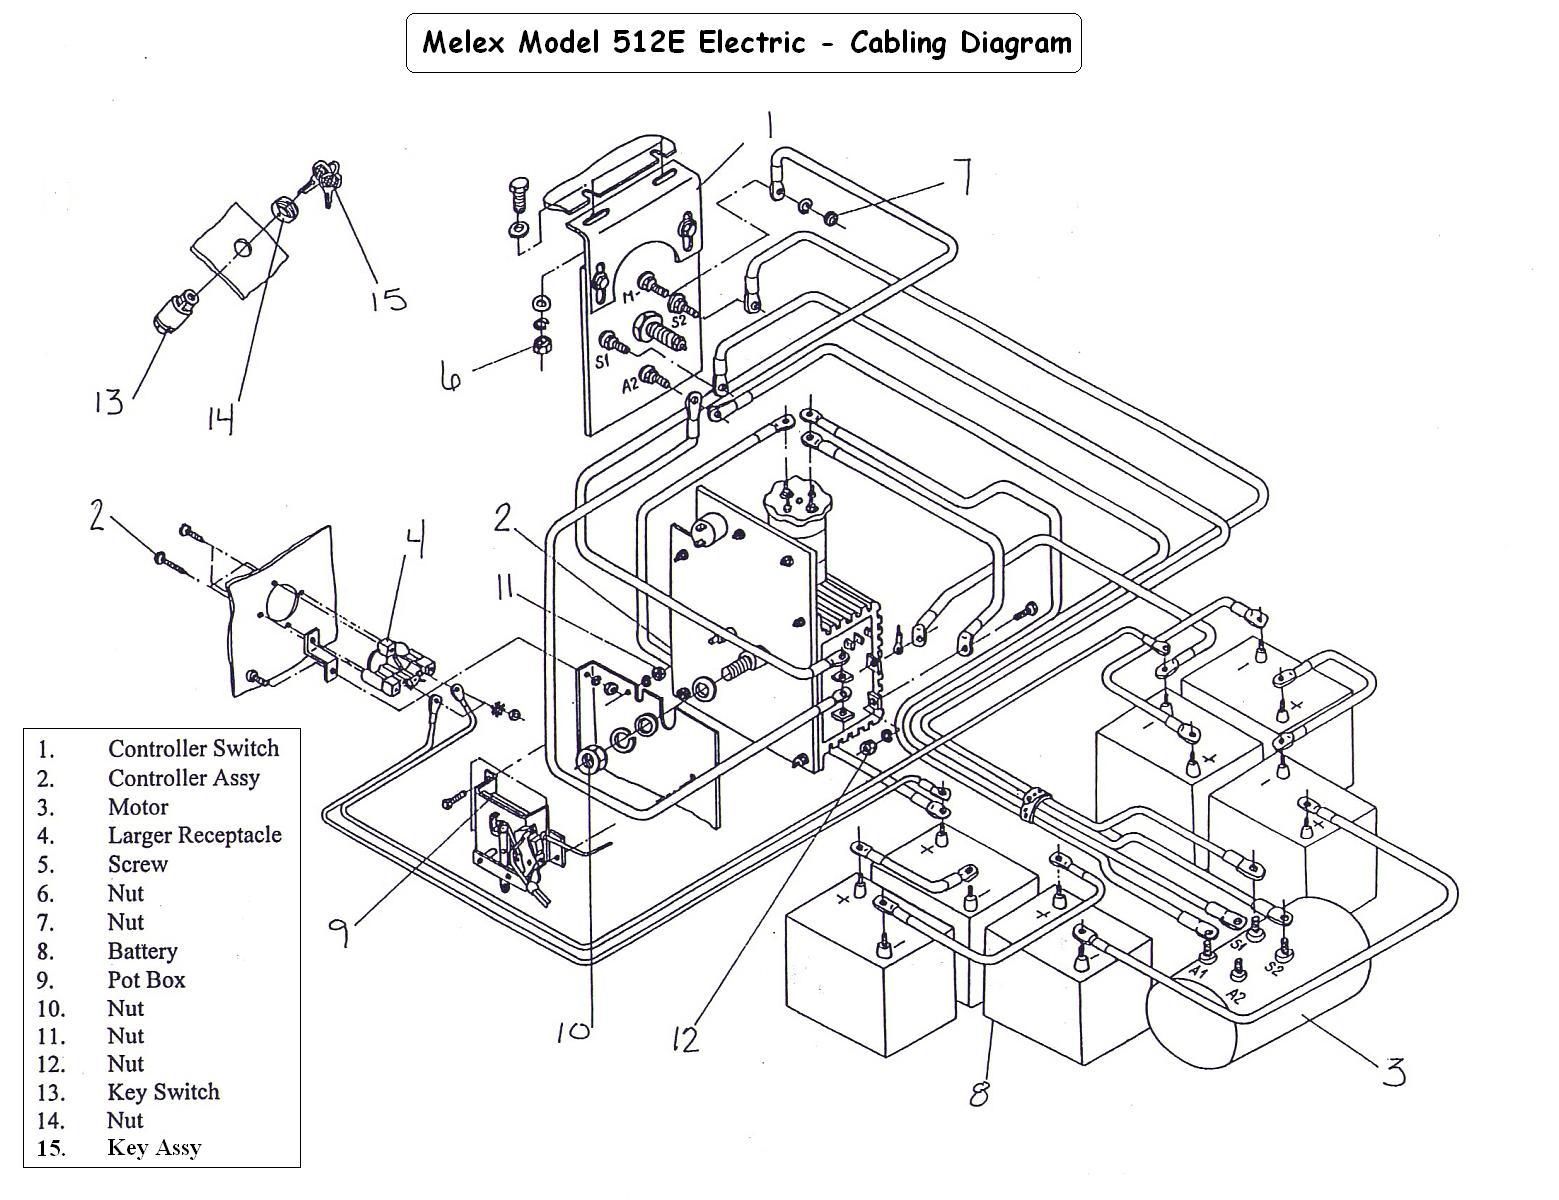 melex 412 wiring diagram   wiring diagram melex 412 golf cart wiring diagram melex 36v golf cart wiring diagram #6